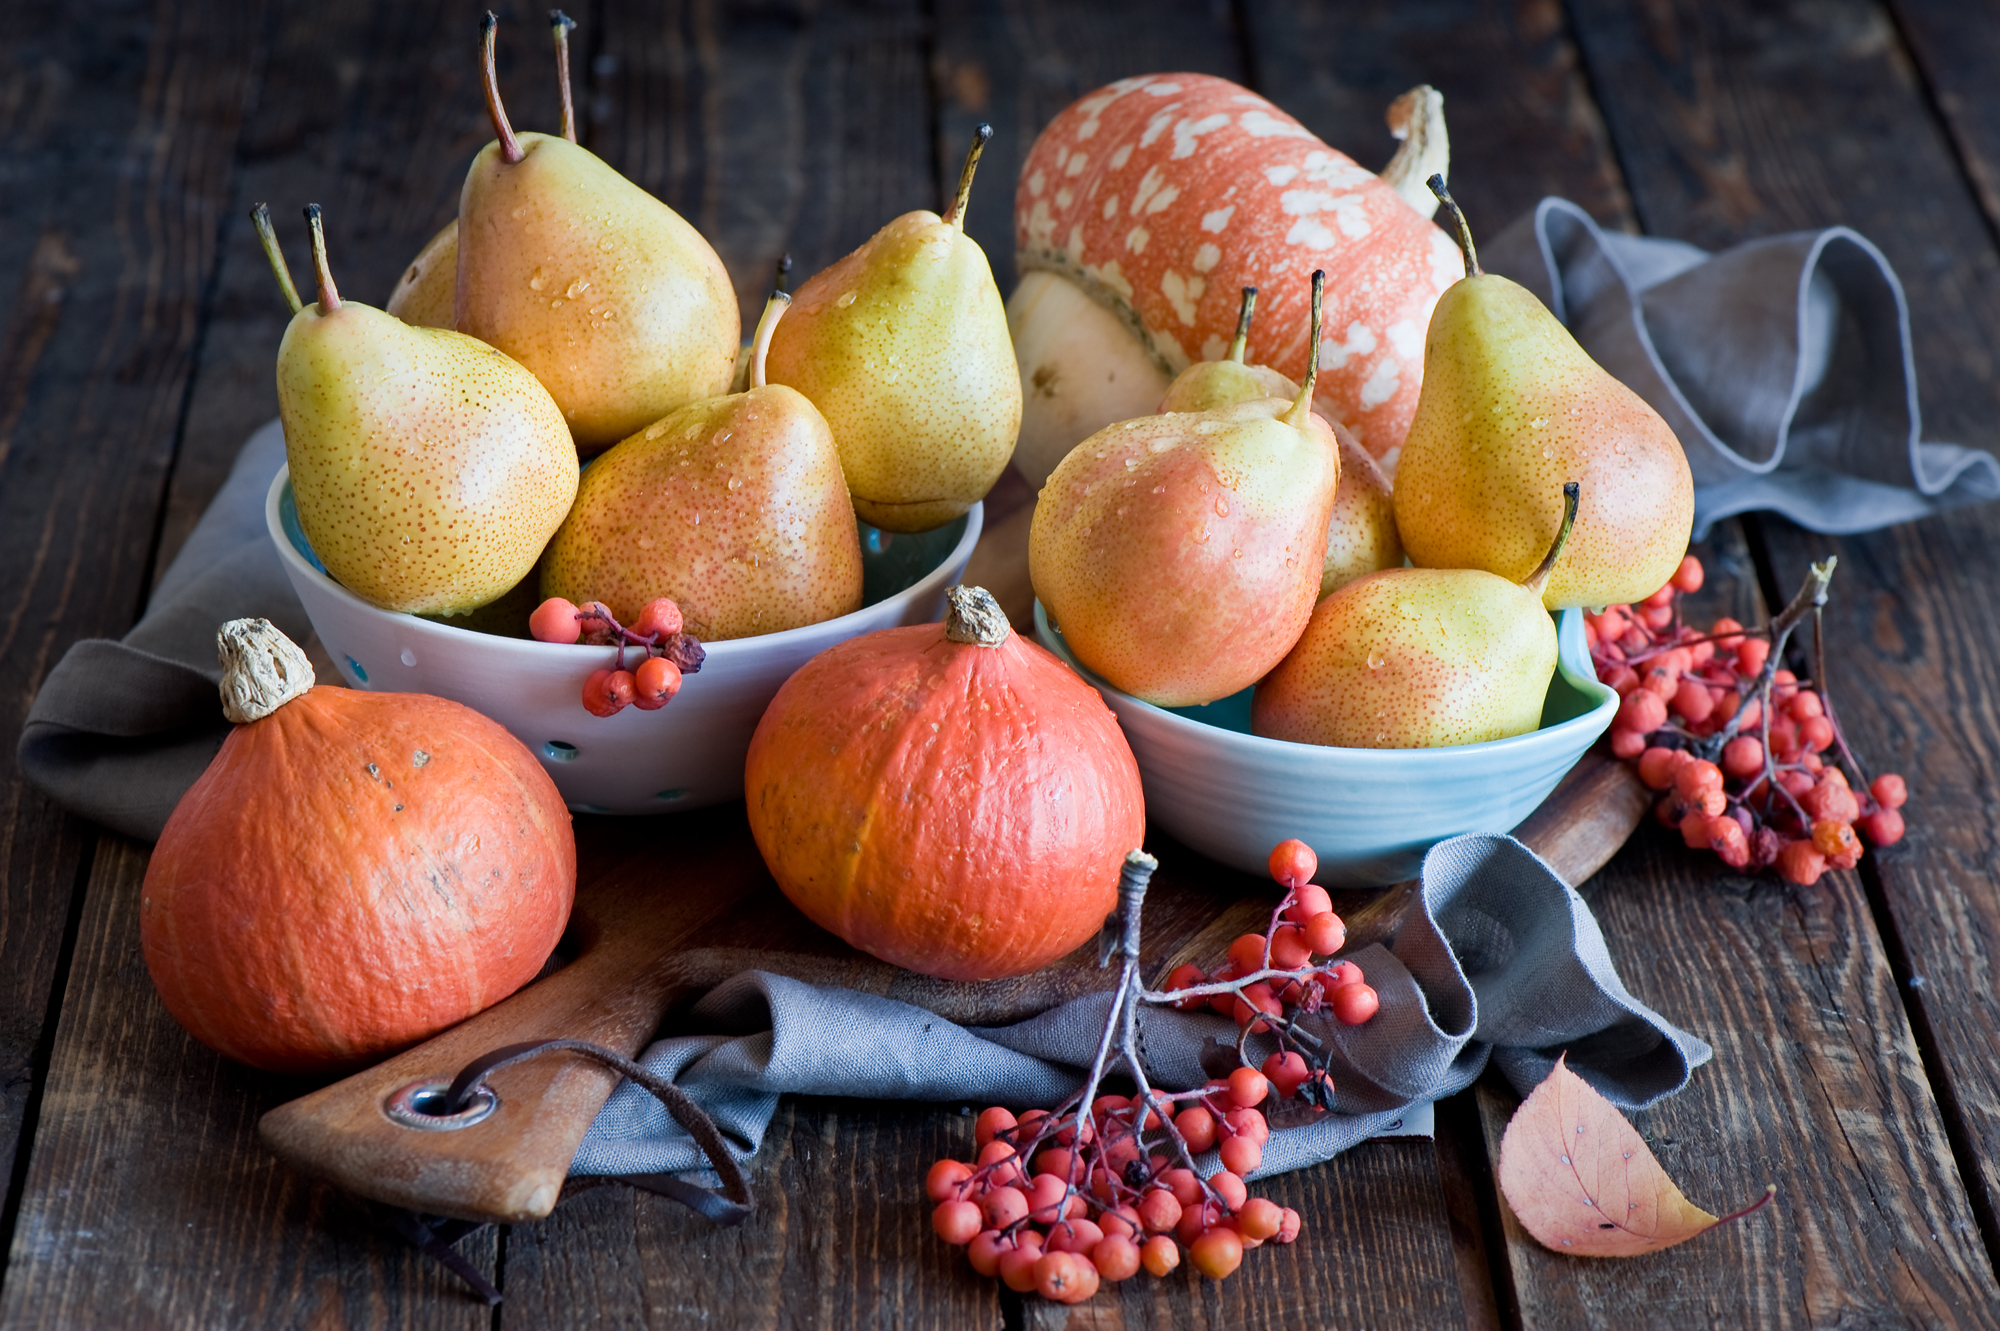 белые картинка на рабочий стол осень фрукты краповый спецназе